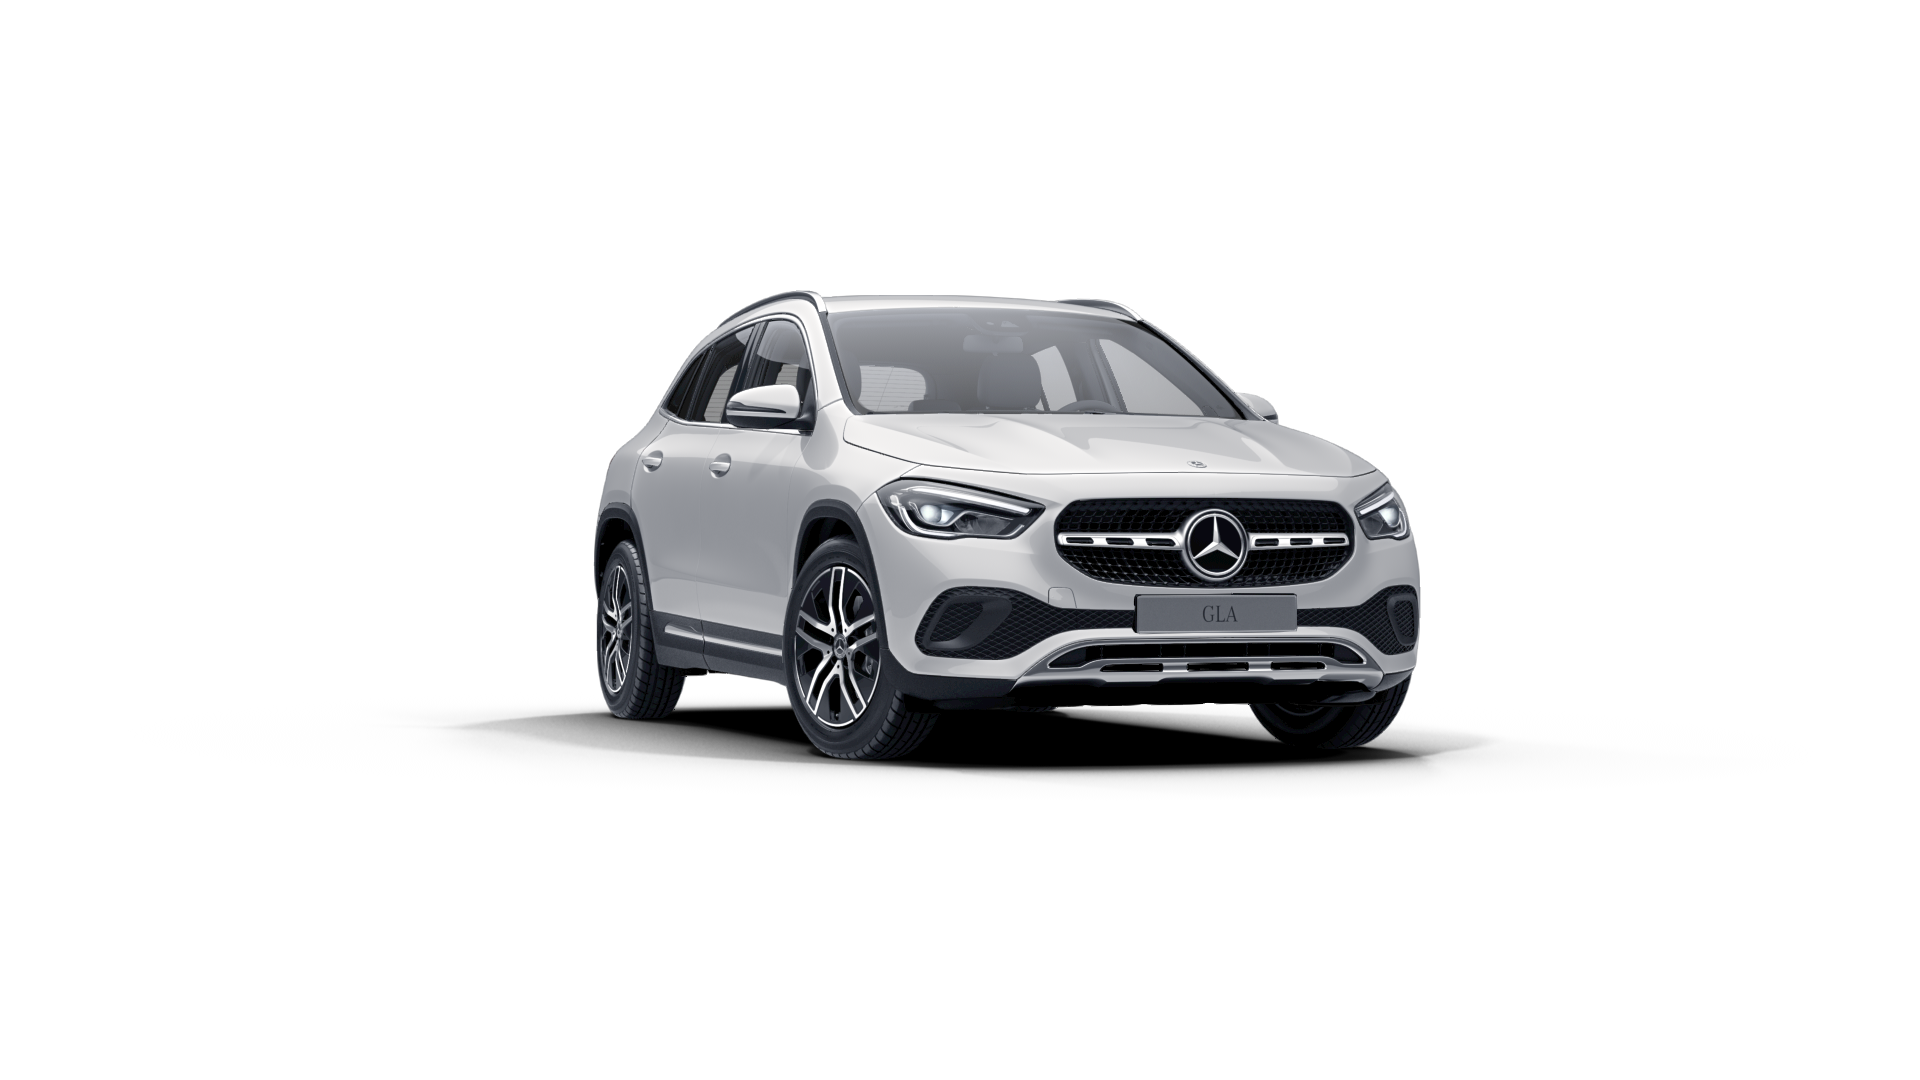 Mercedes Benz GLA noire Finition Progressive : Vue de trois quarts de profil à l'arrêt